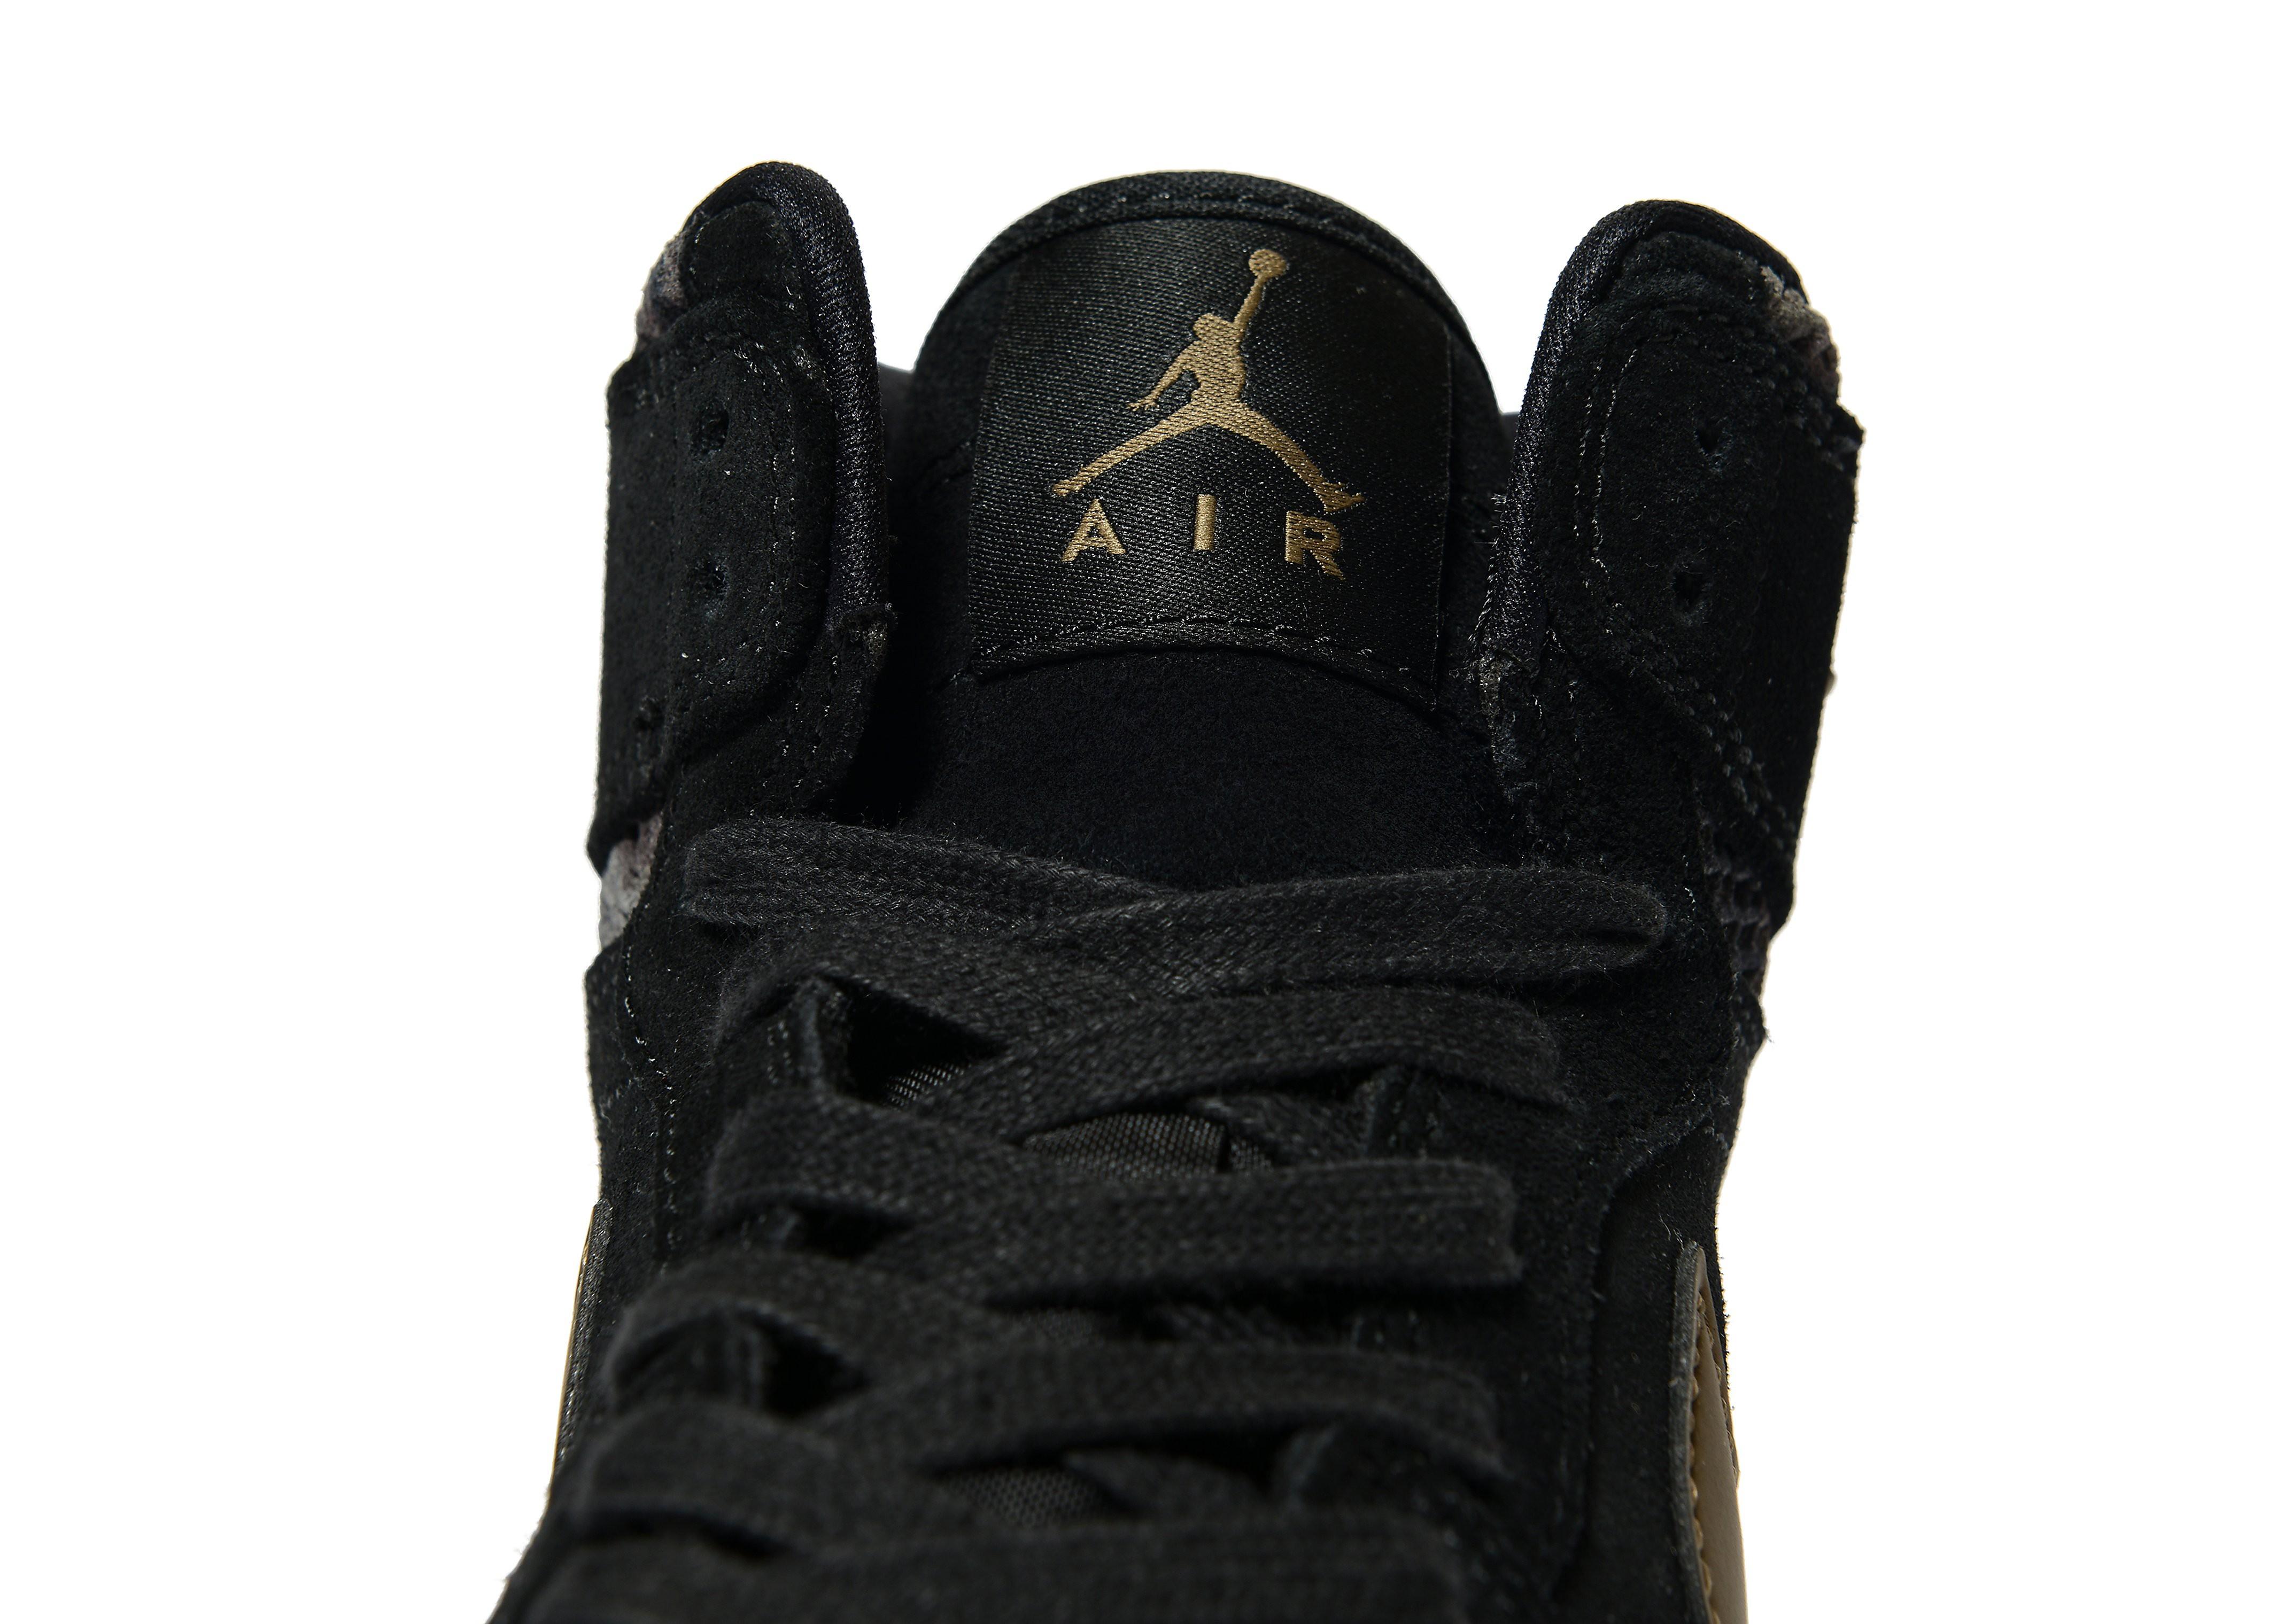 Nike Air Jordan 1 Retro High Premium Junior